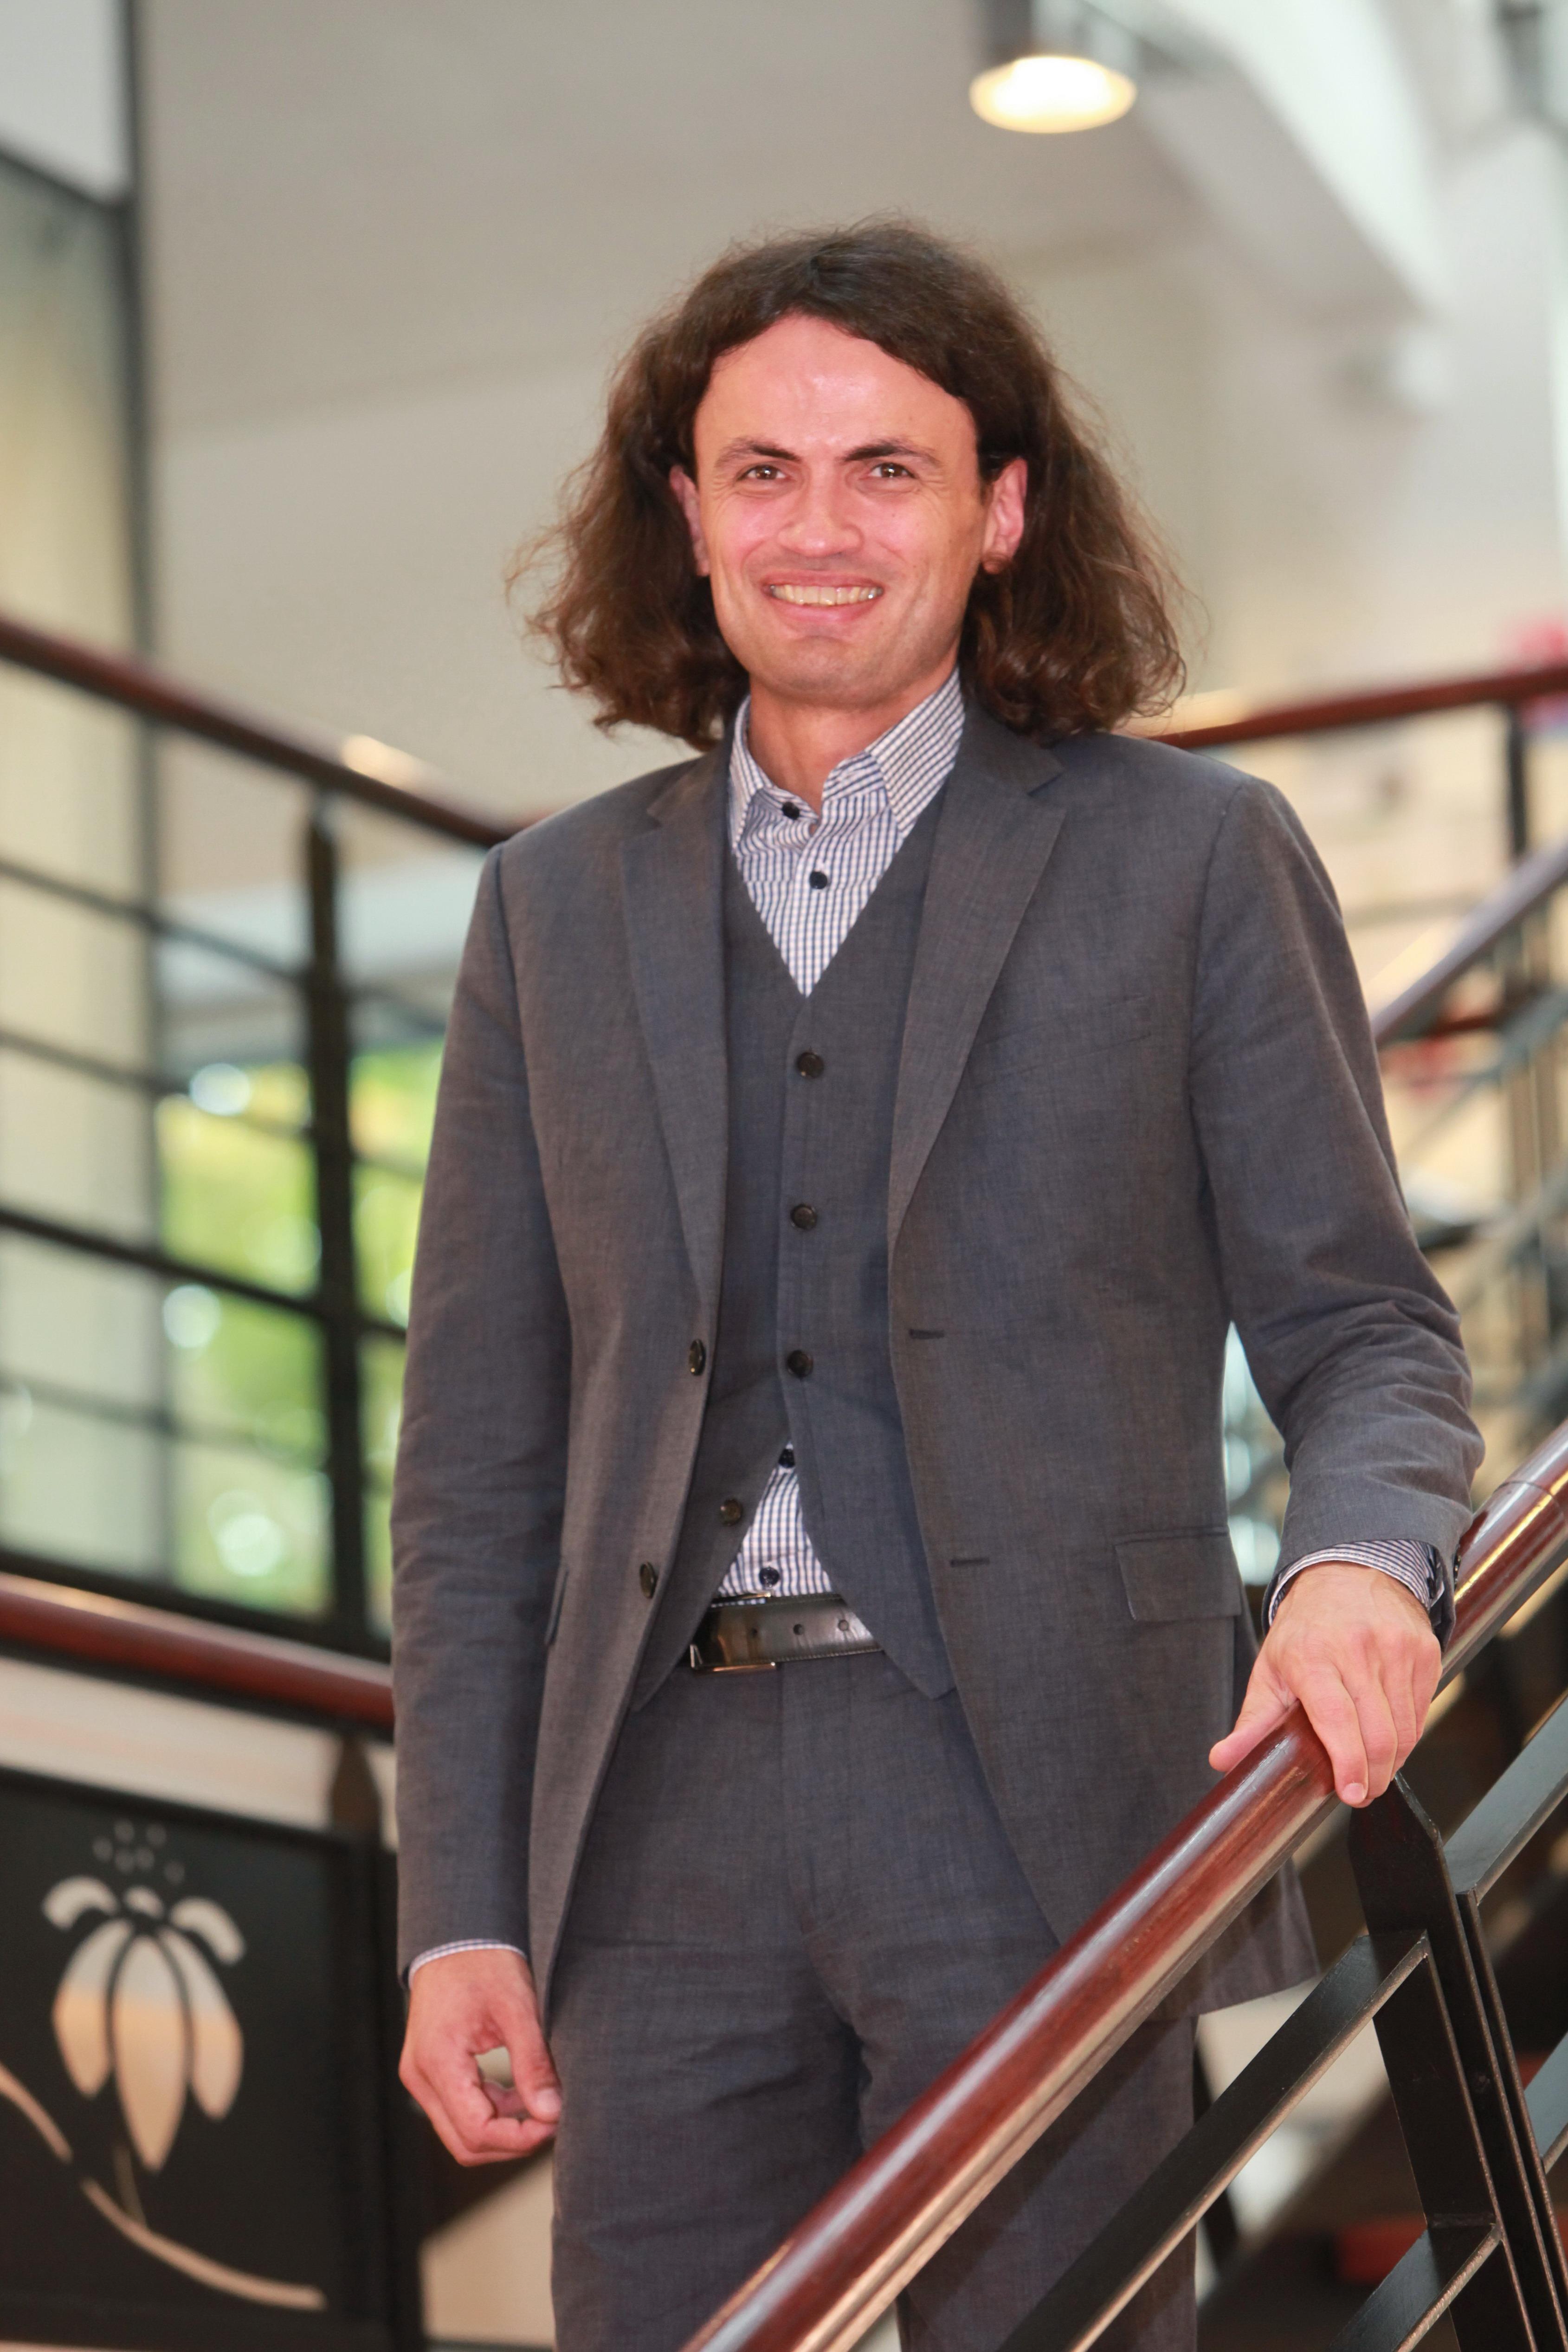 Pierre Jacobs : Faire la différence dans les magasins (part 2)